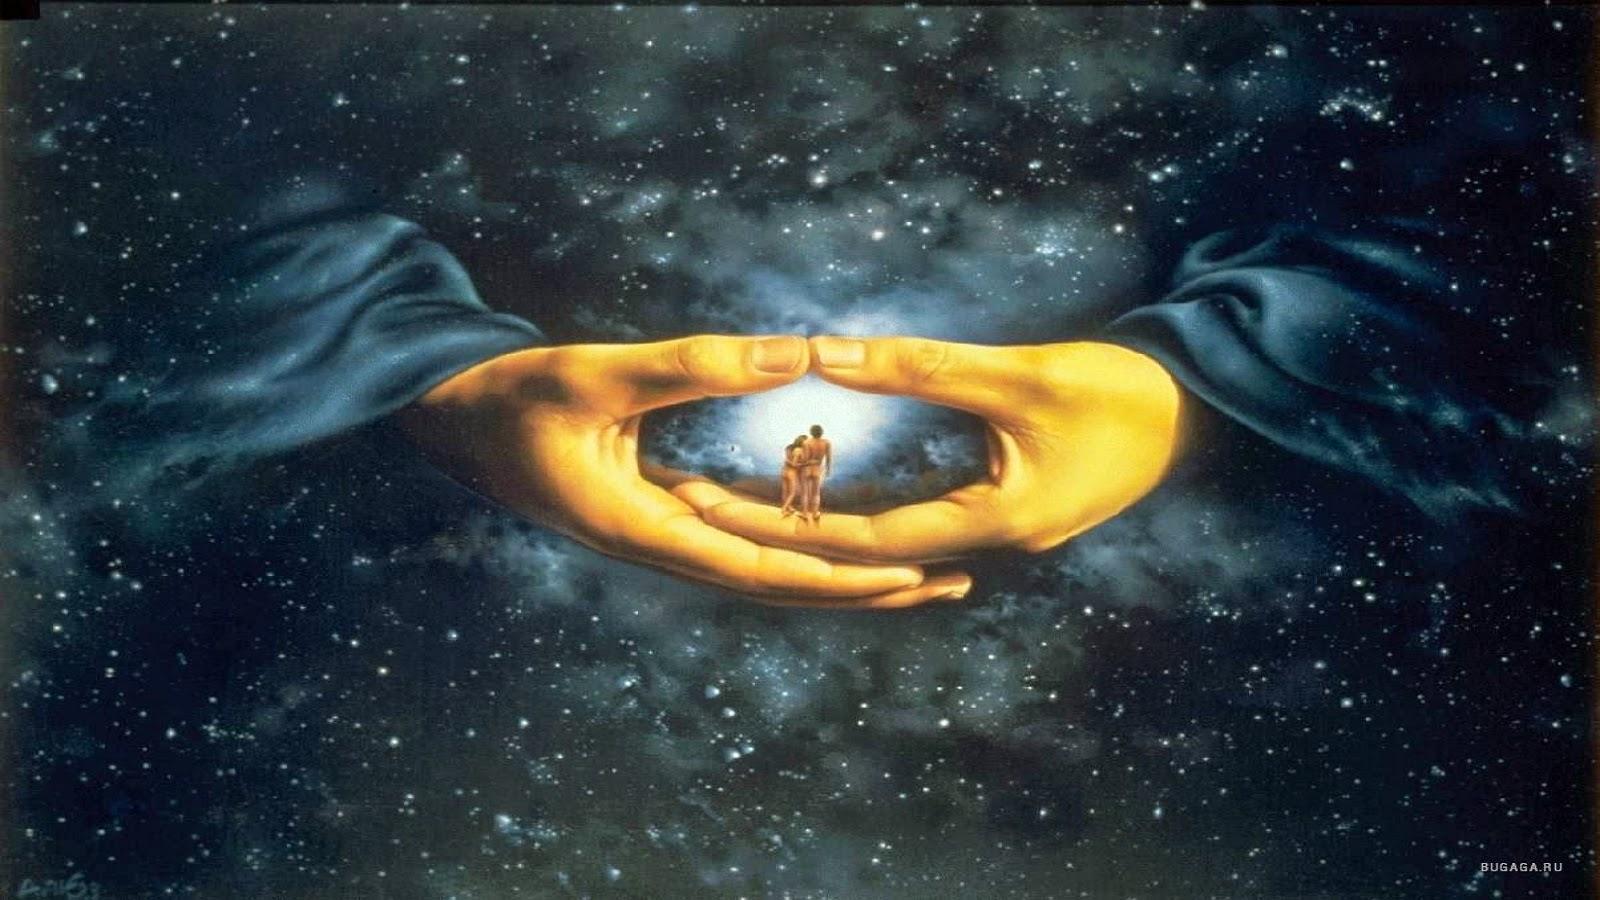 Вселенная и бог картинки